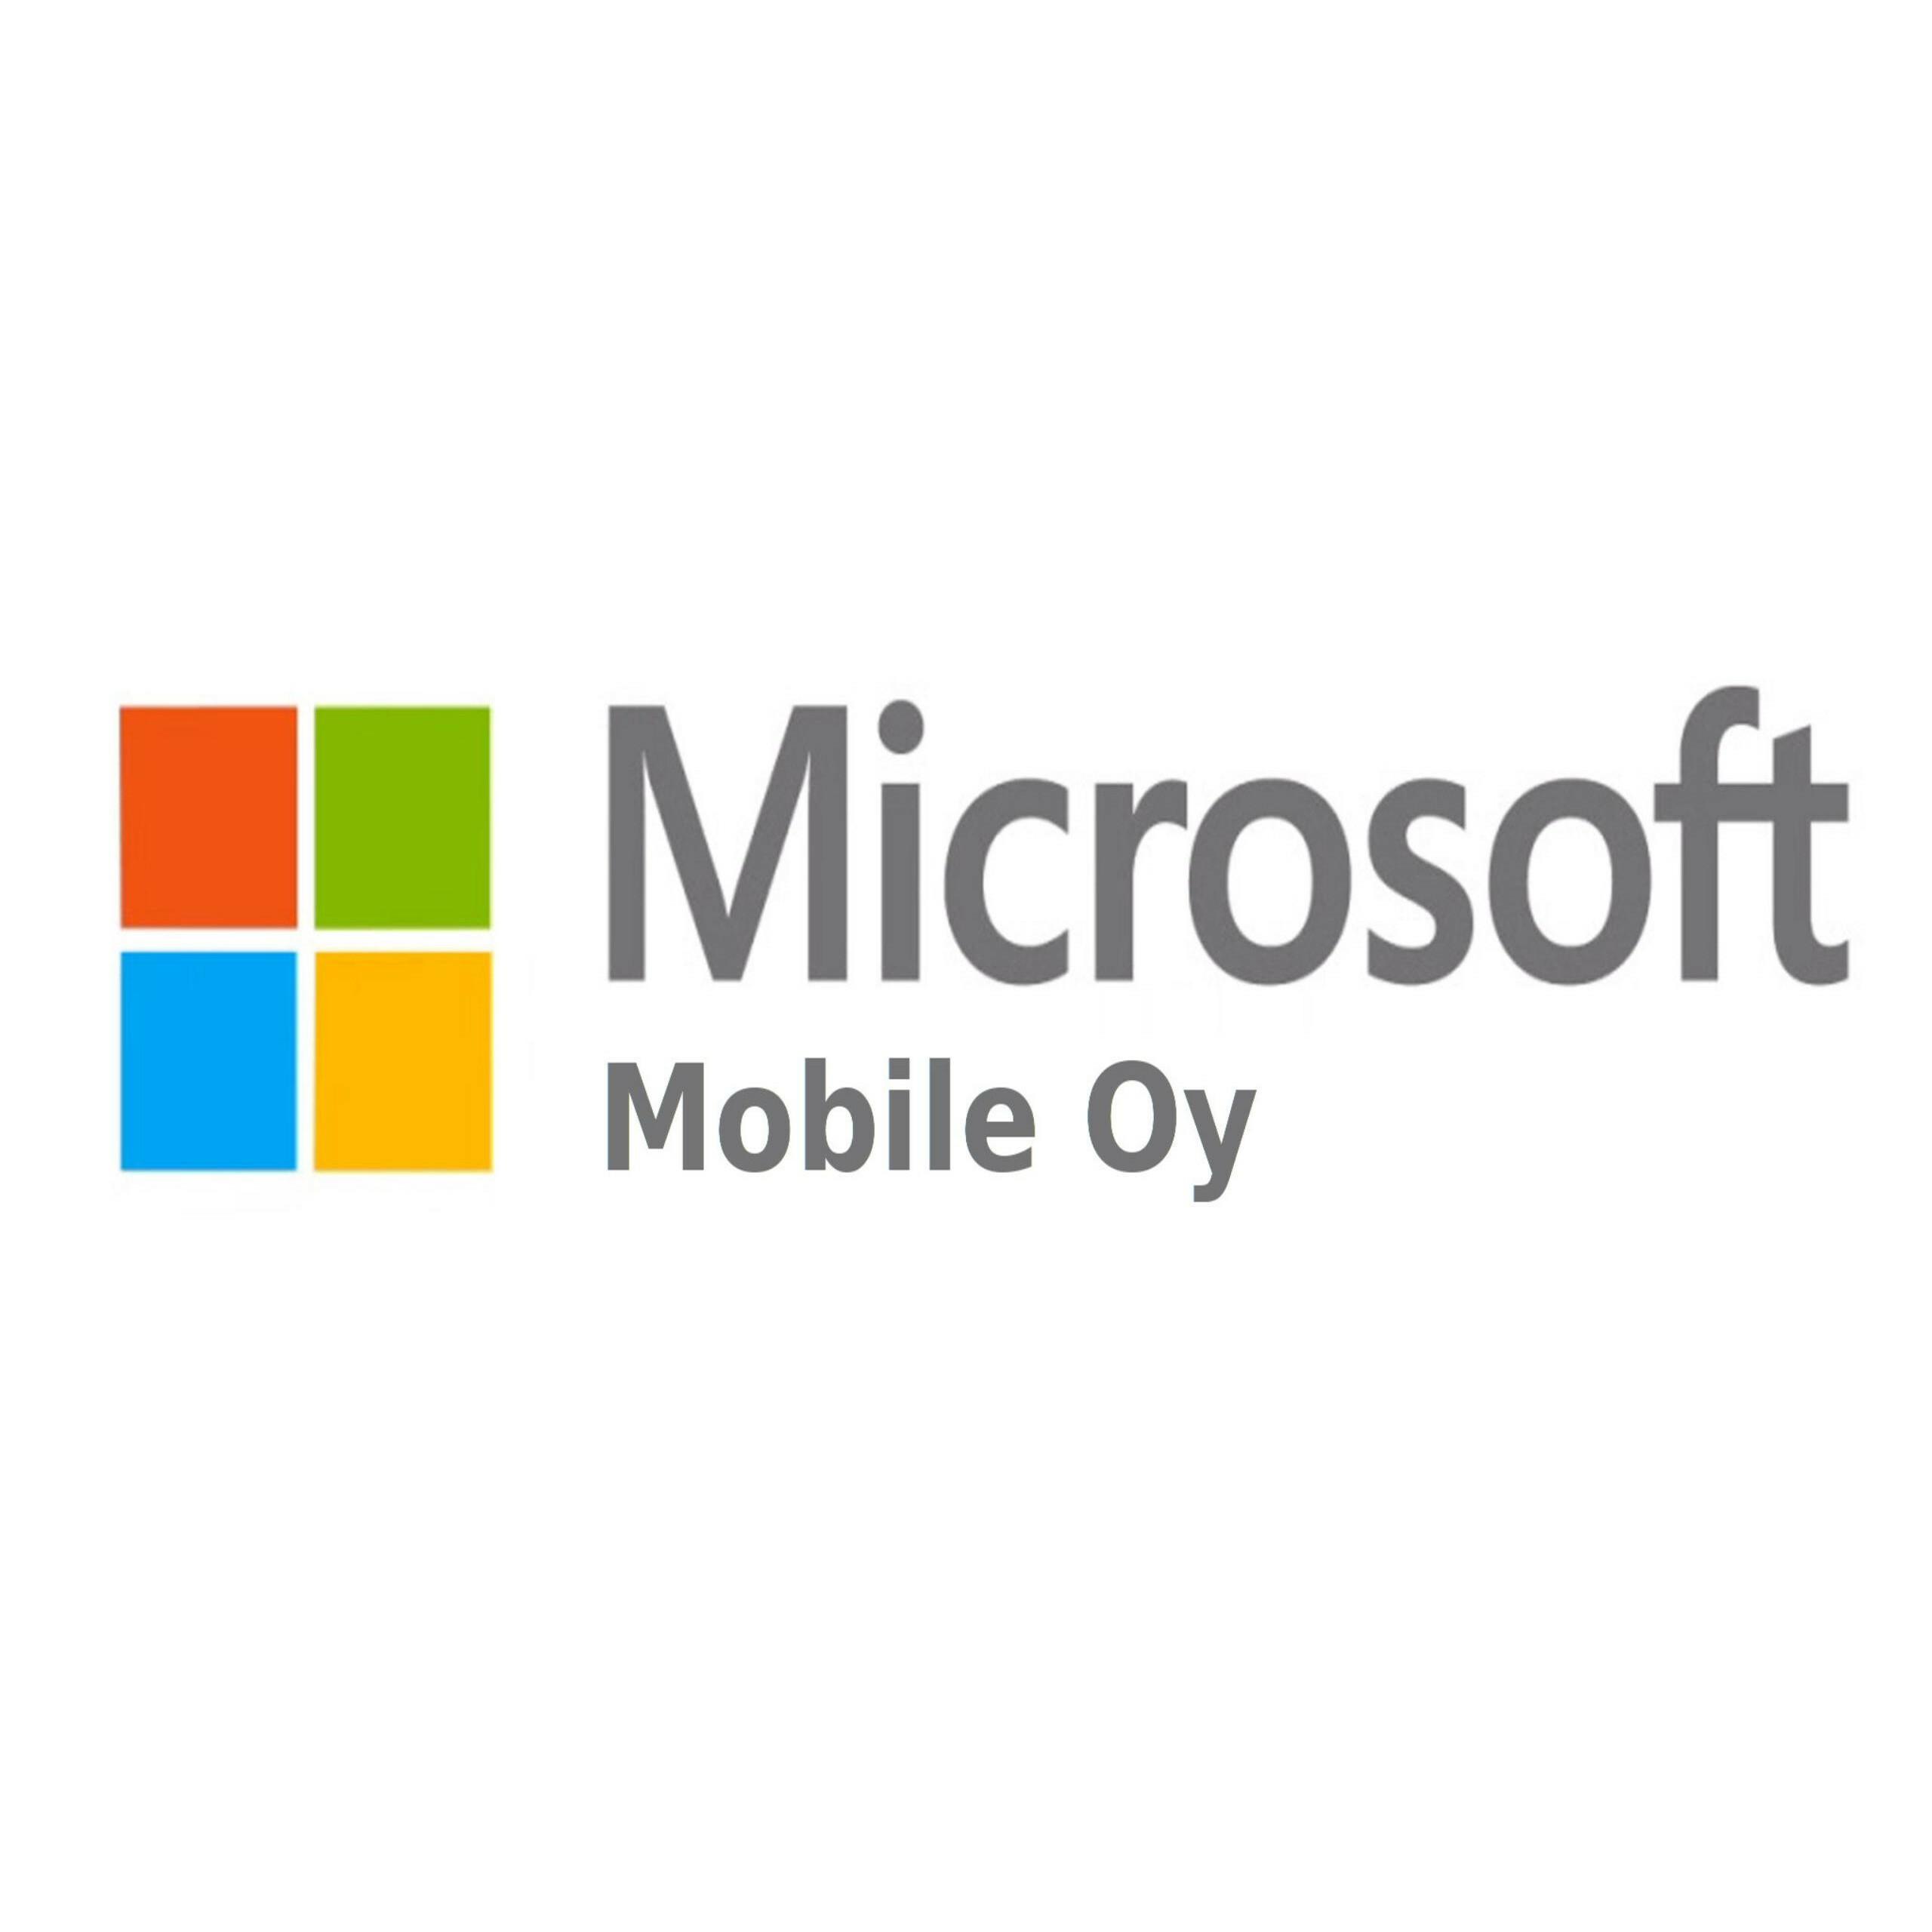 (Ré)inscrivez-vous à la newsletter Nokia / Microsoft Mobile